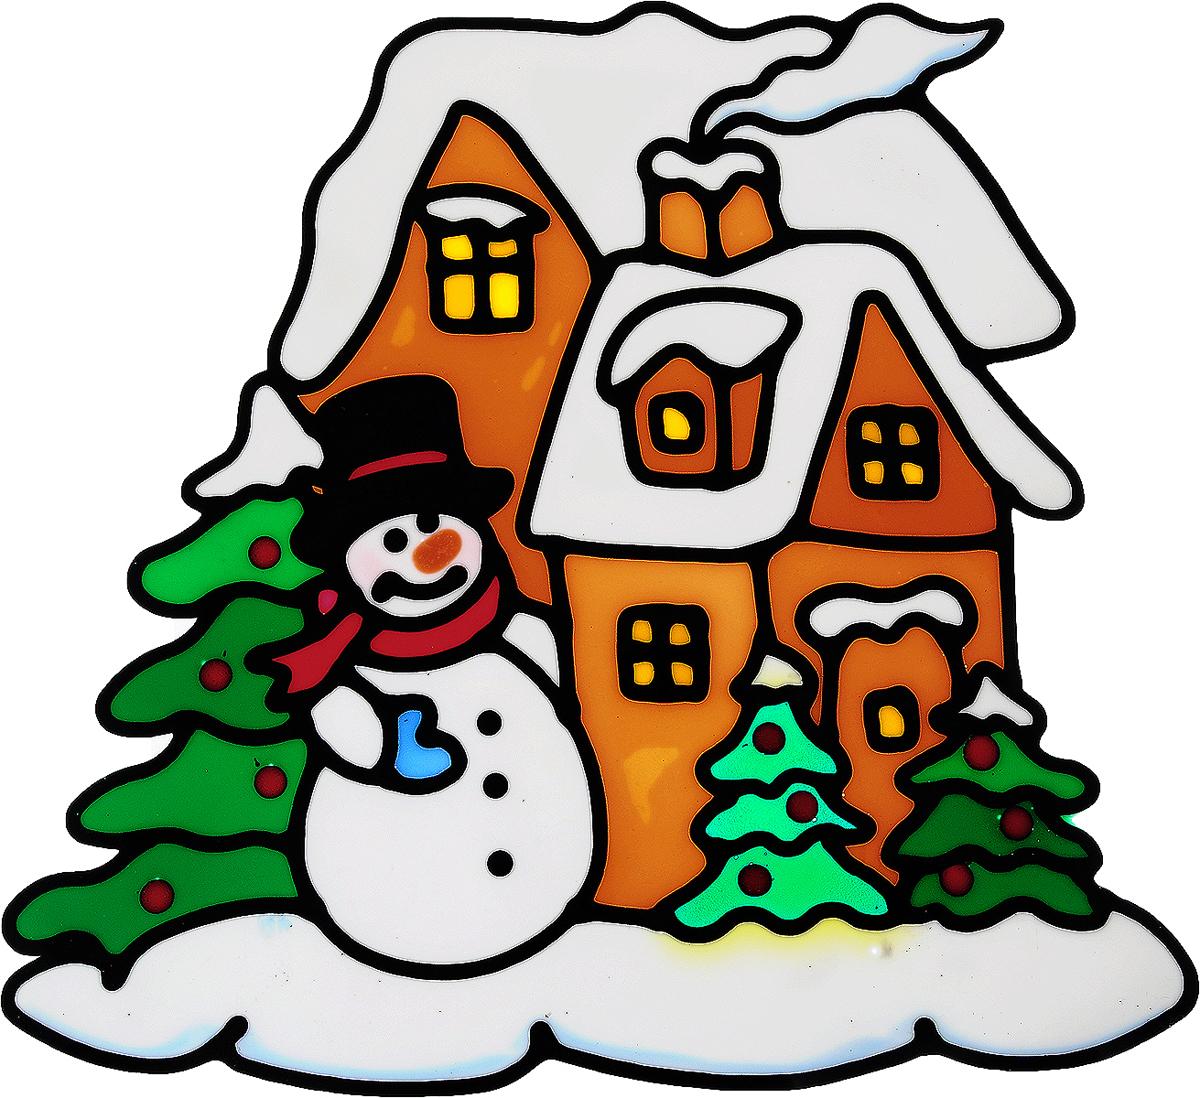 Украшение новогоднее оконное Winter Wings Снеговик у домика, 22 х 21 смN09319Новогоднее оконное украшение Winter Wings Снеговик у домика поможет украсить дом к предстоящим праздникам. Наклейка изготовлена из ПВХ. С помощью этих украшений вы сможете оживить интерьер по своему вкусу, наклеить их на окно, на зеркало или на дверь. Новогодние украшения всегда несут в себе волшебство и красоту праздника. Создайте в своем доме атмосферу тепла, веселья и радости, украшая его всей семьей. Размер наклейки: 22 х 21 см.